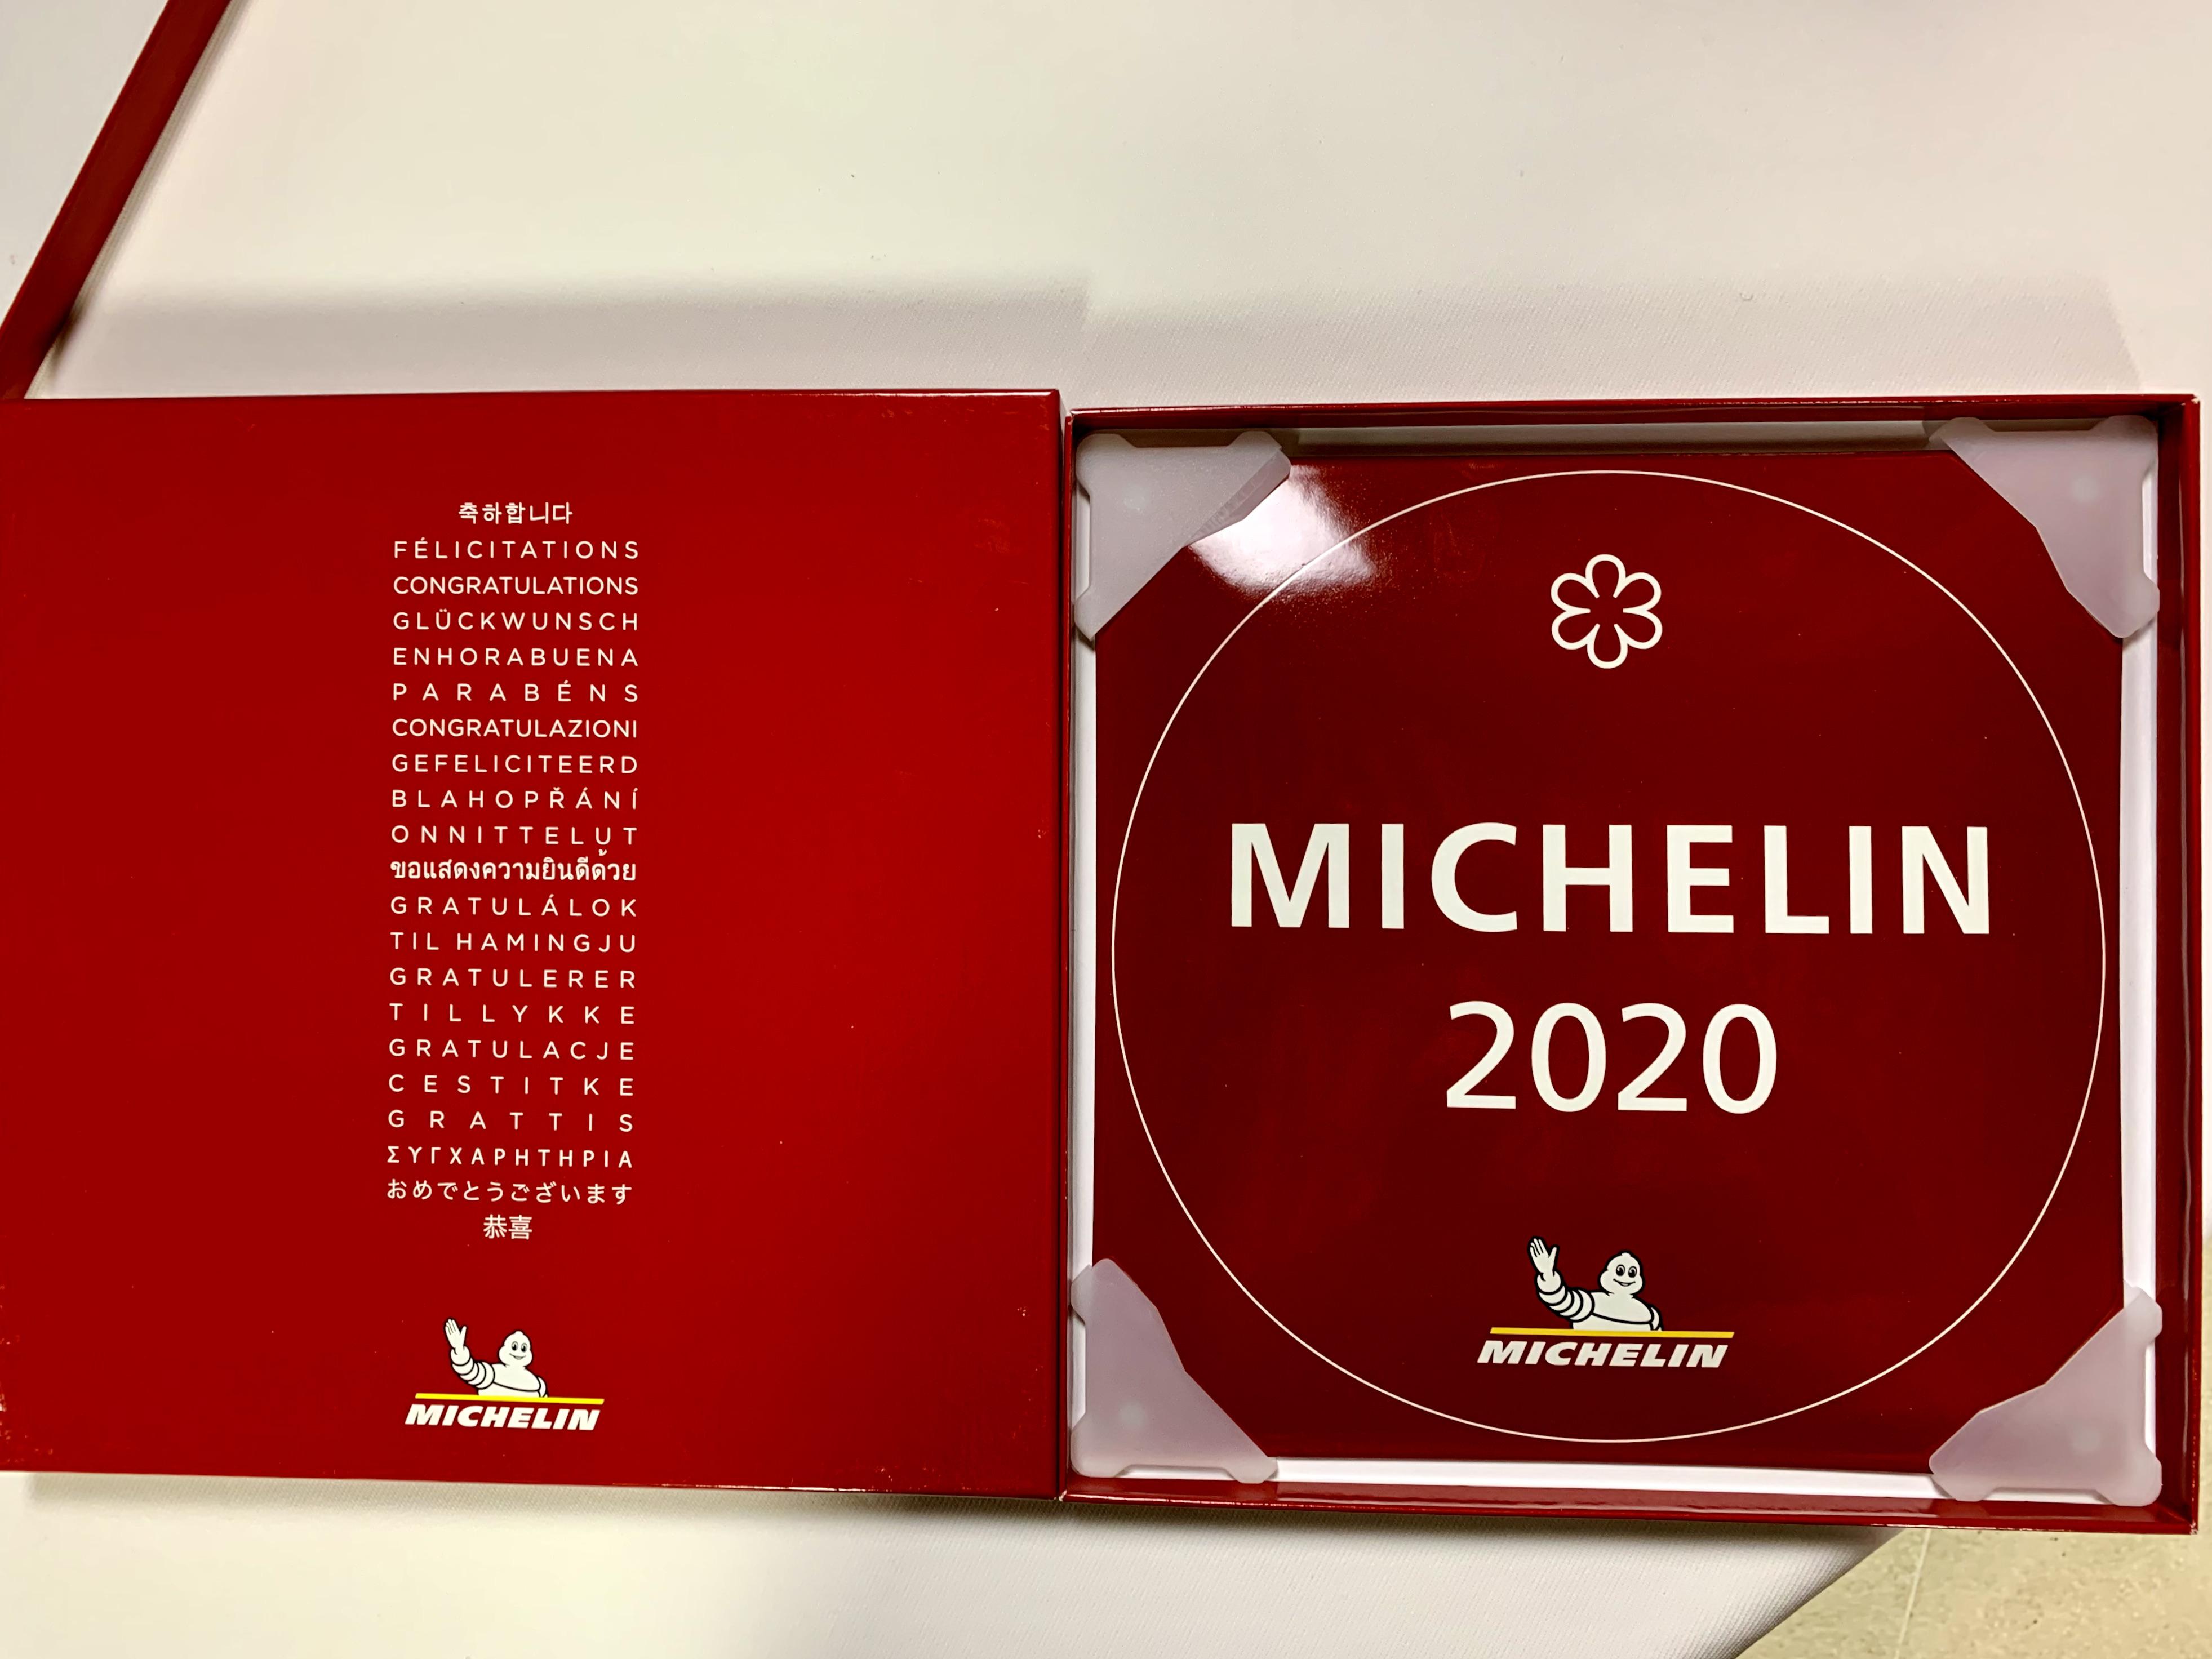 Rozdanie Gwiazdek Michelin 2020 za nami